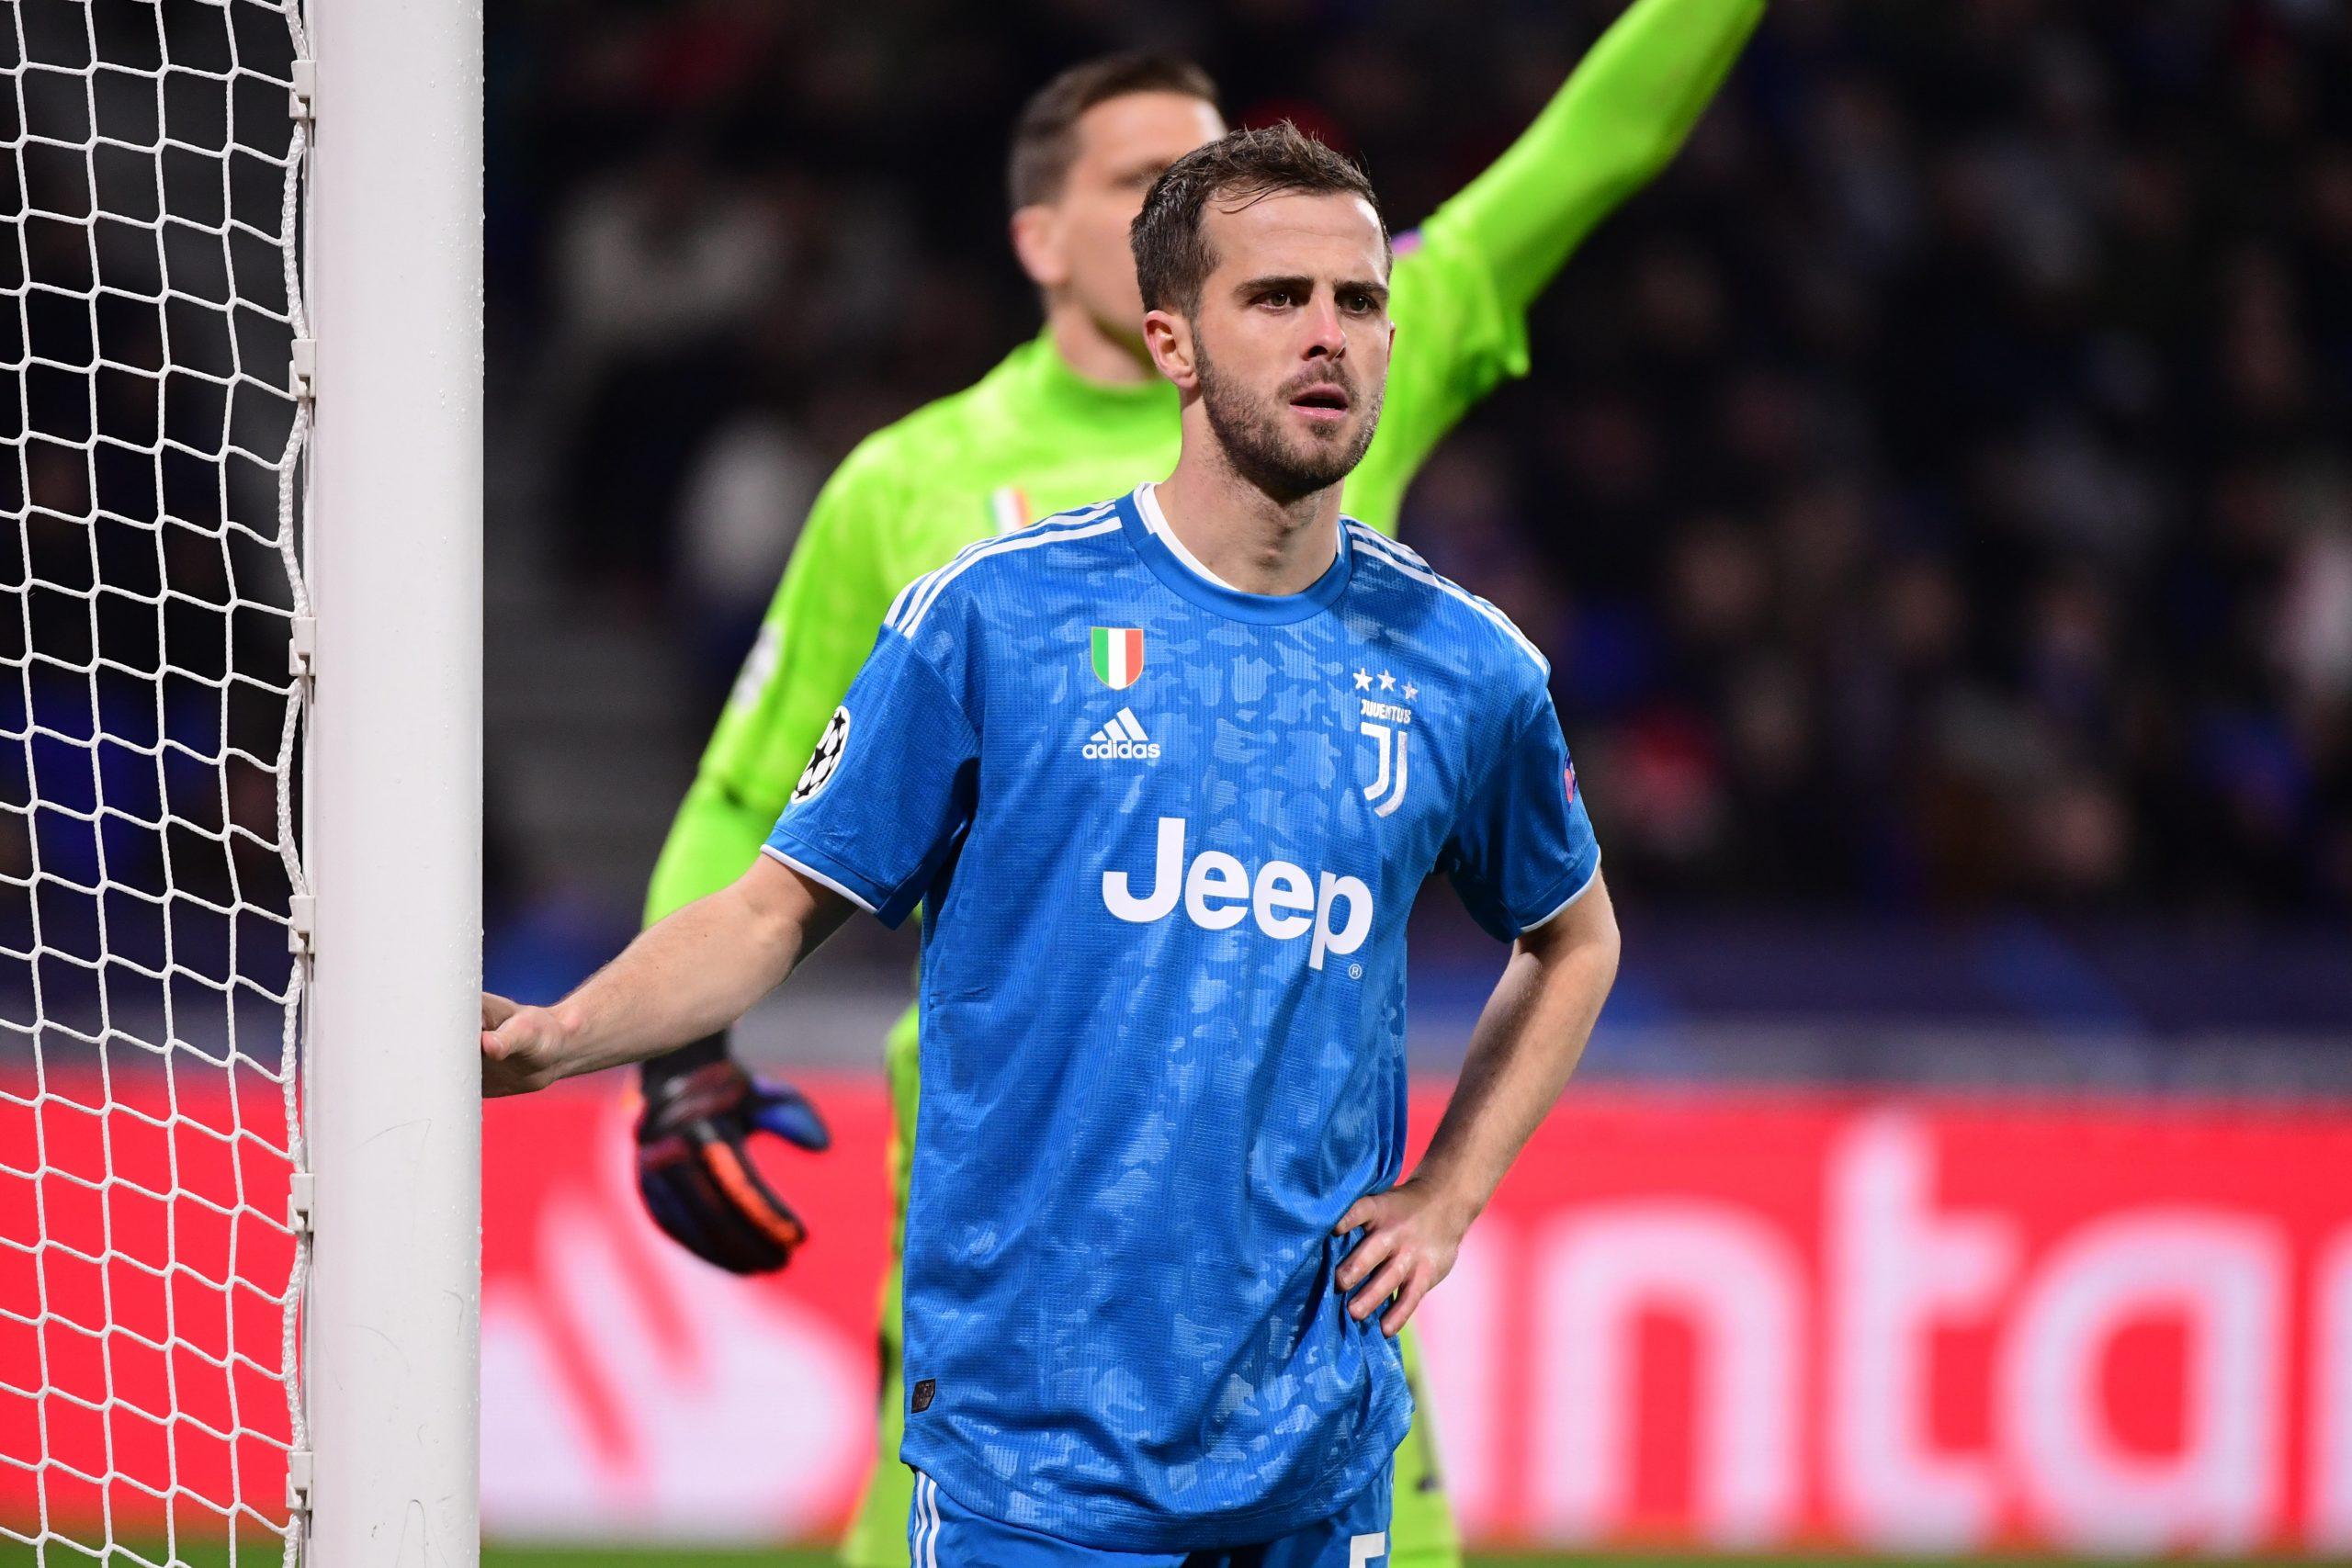 Mercato - Benatia confirme que le PSG s'intéresse à Pjanic, mais il veut rester à la Juventus